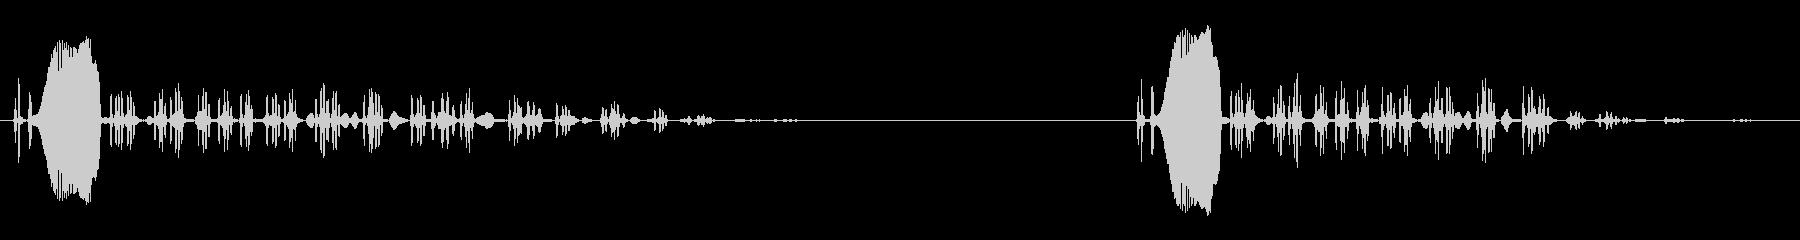 ピーヒョロロロと鳴く鳥の未再生の波形